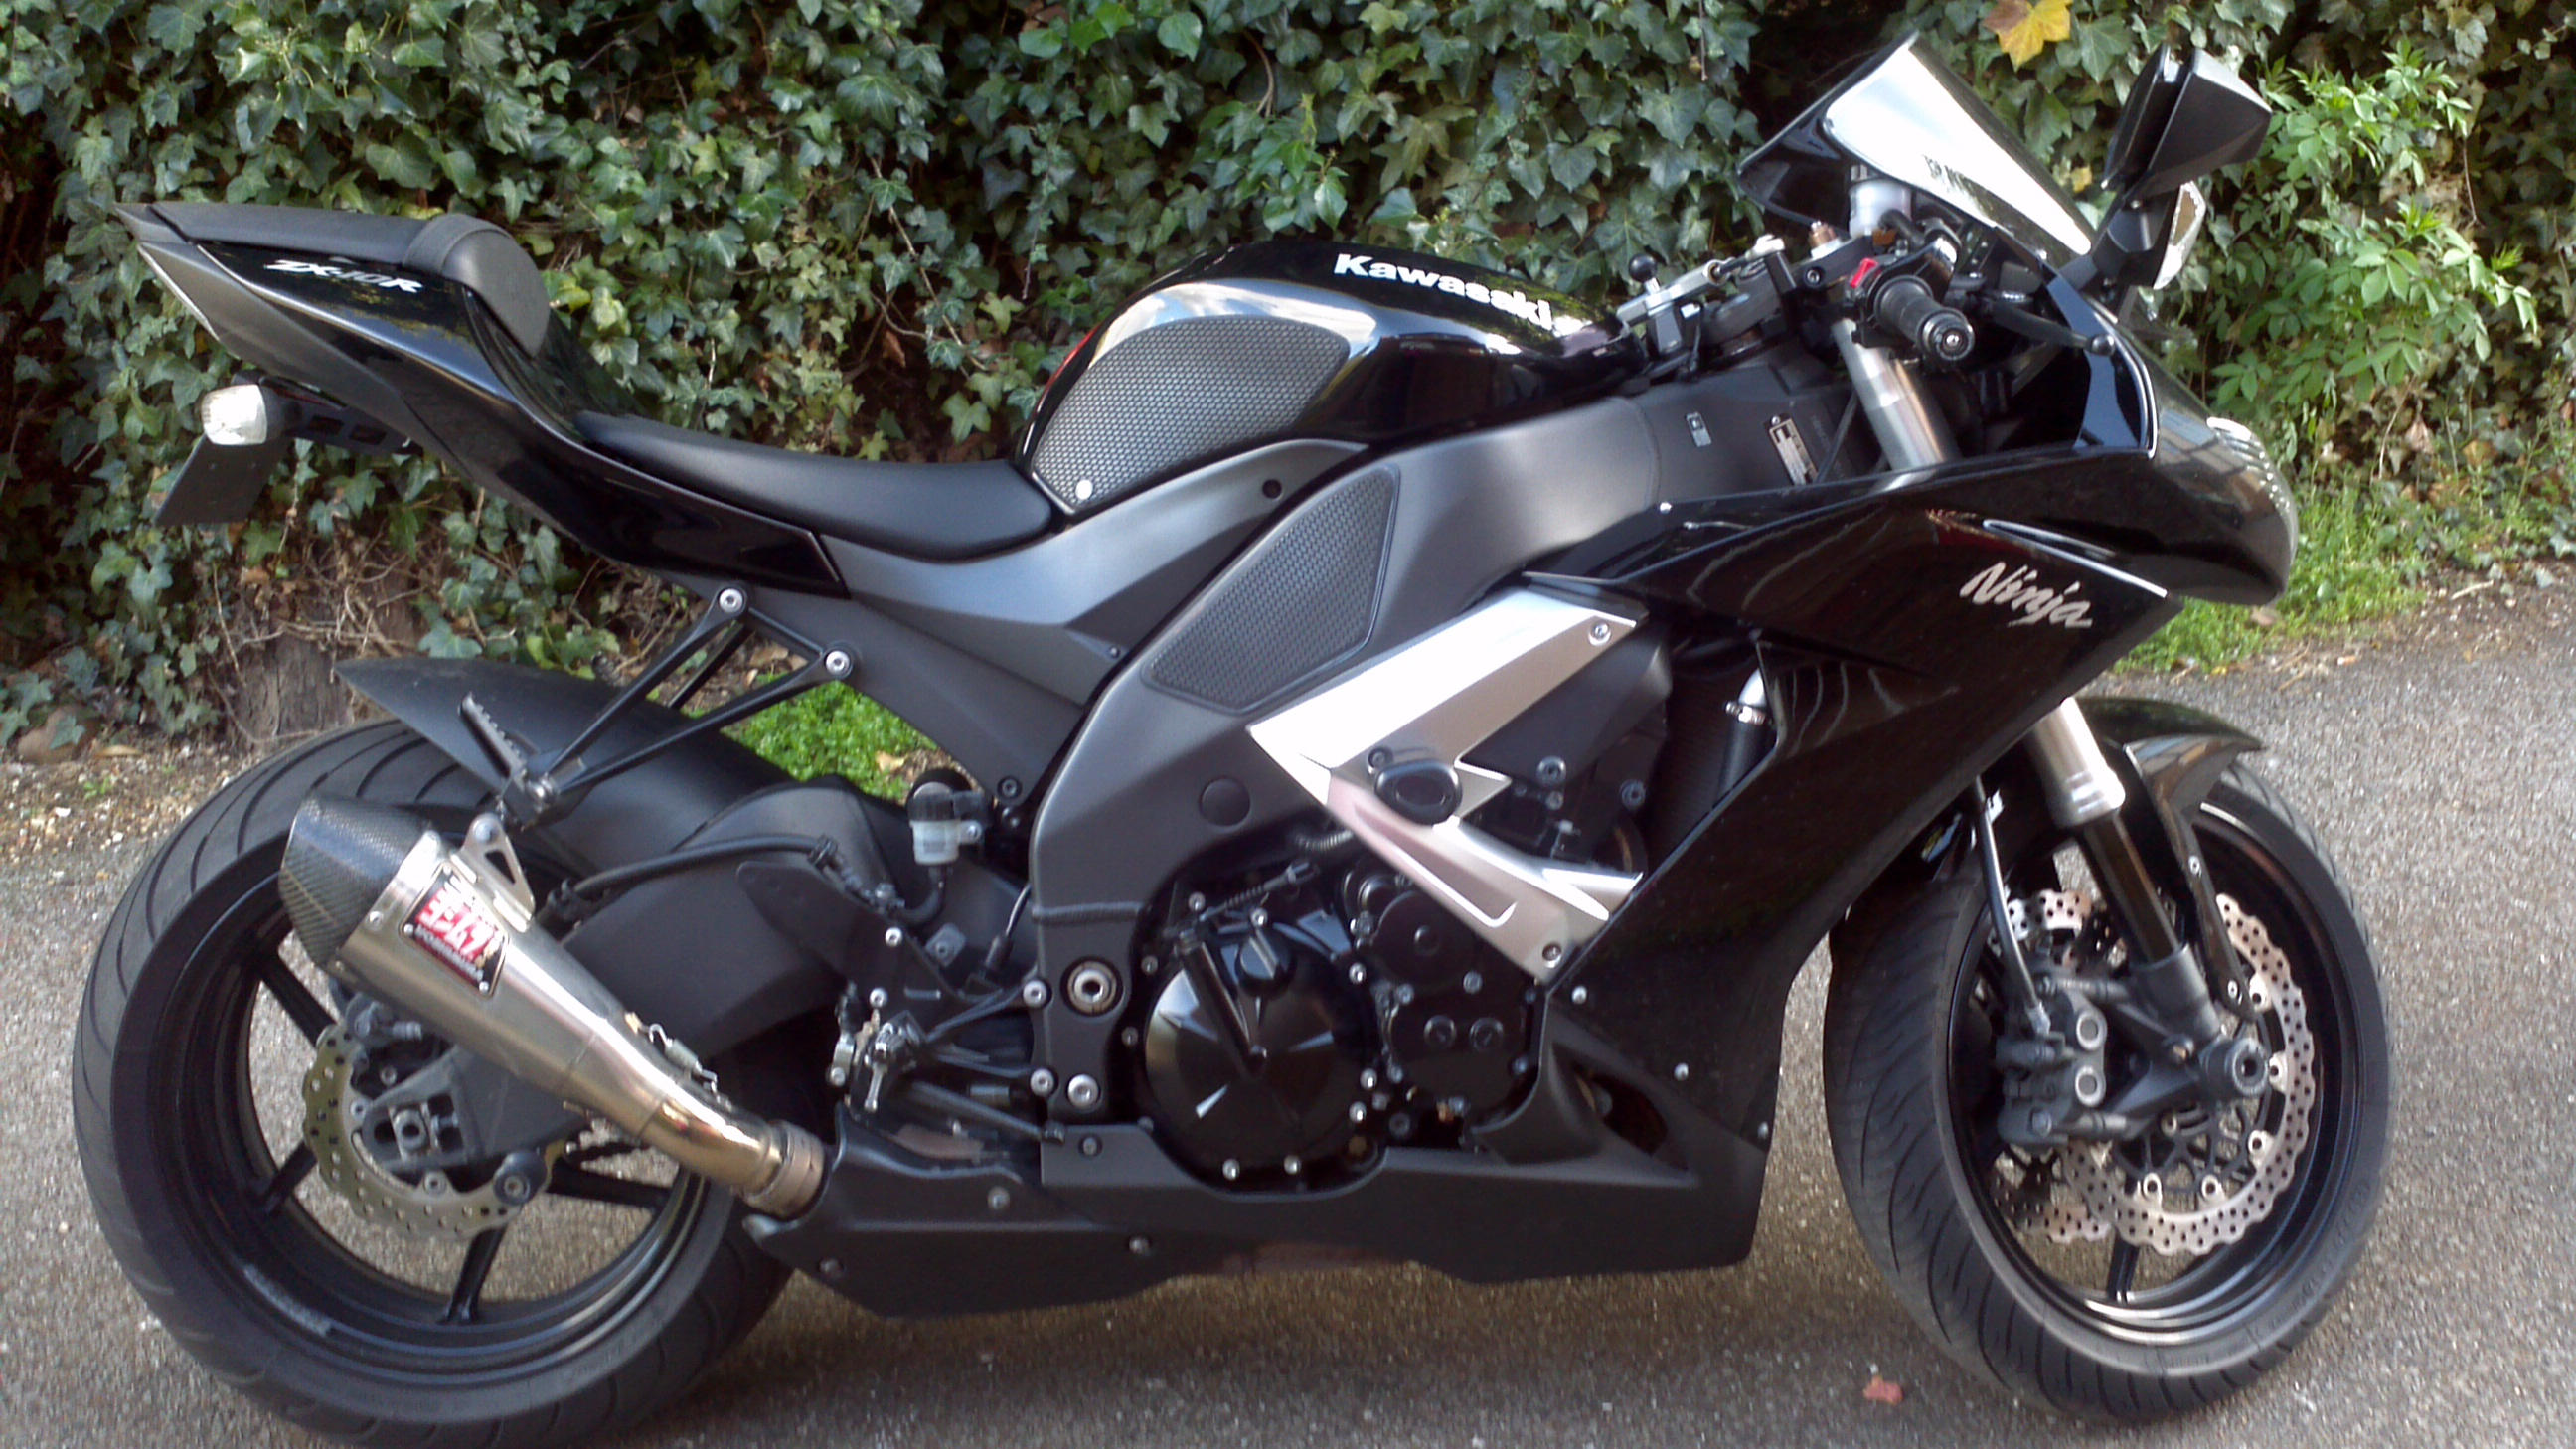 Kawasaki Ninja Zx 10r Bark Time